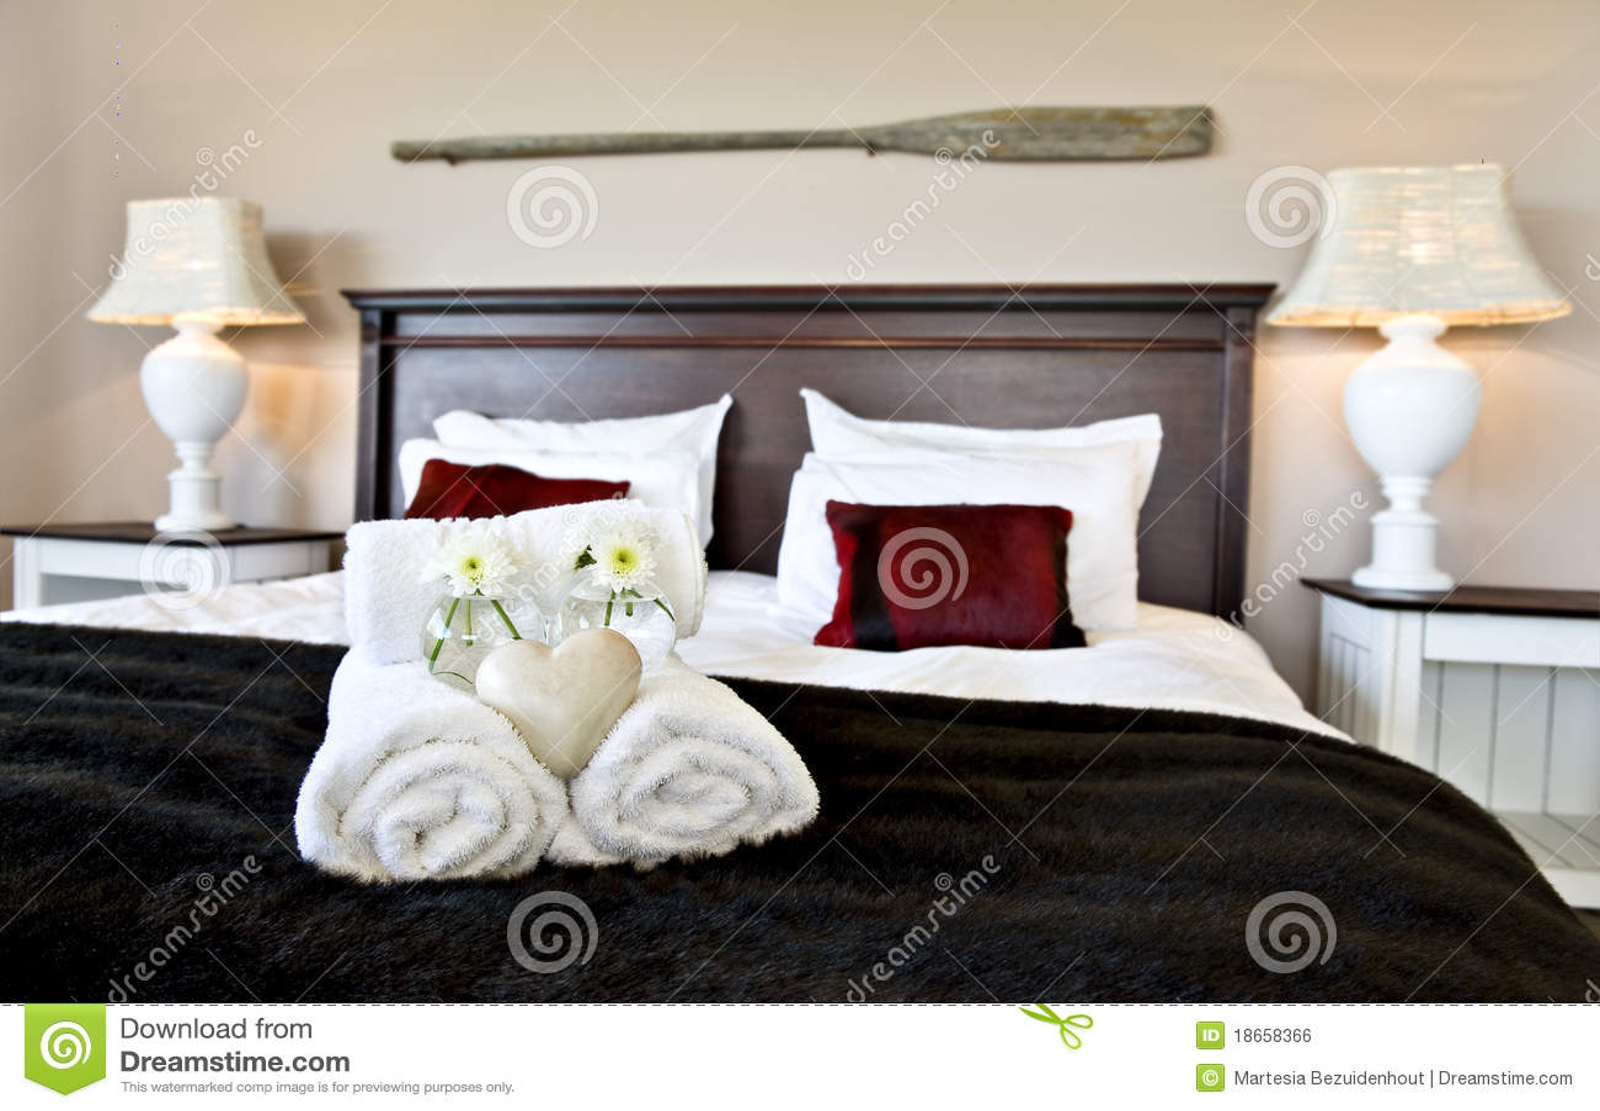 Zachte kleuren slaapkamer for - Volwassen slaapkamer idee ...